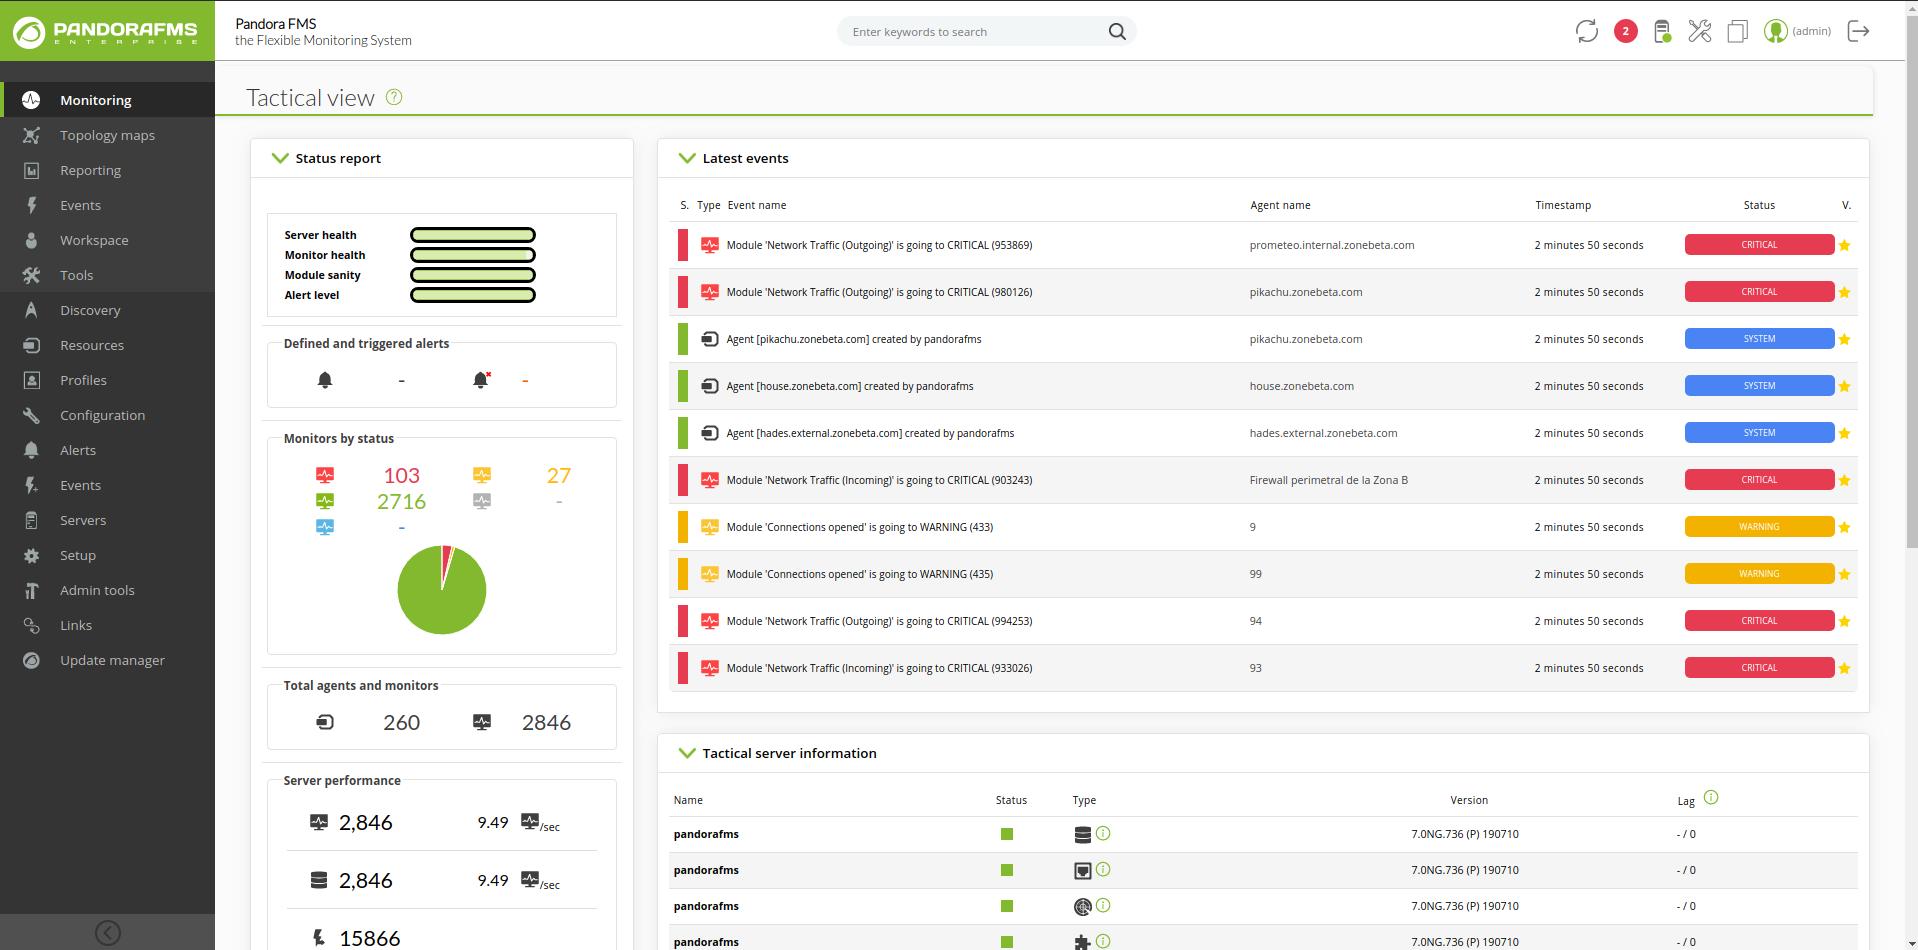 Pandora FMS Software - Pandora FMS tactical view screenshot